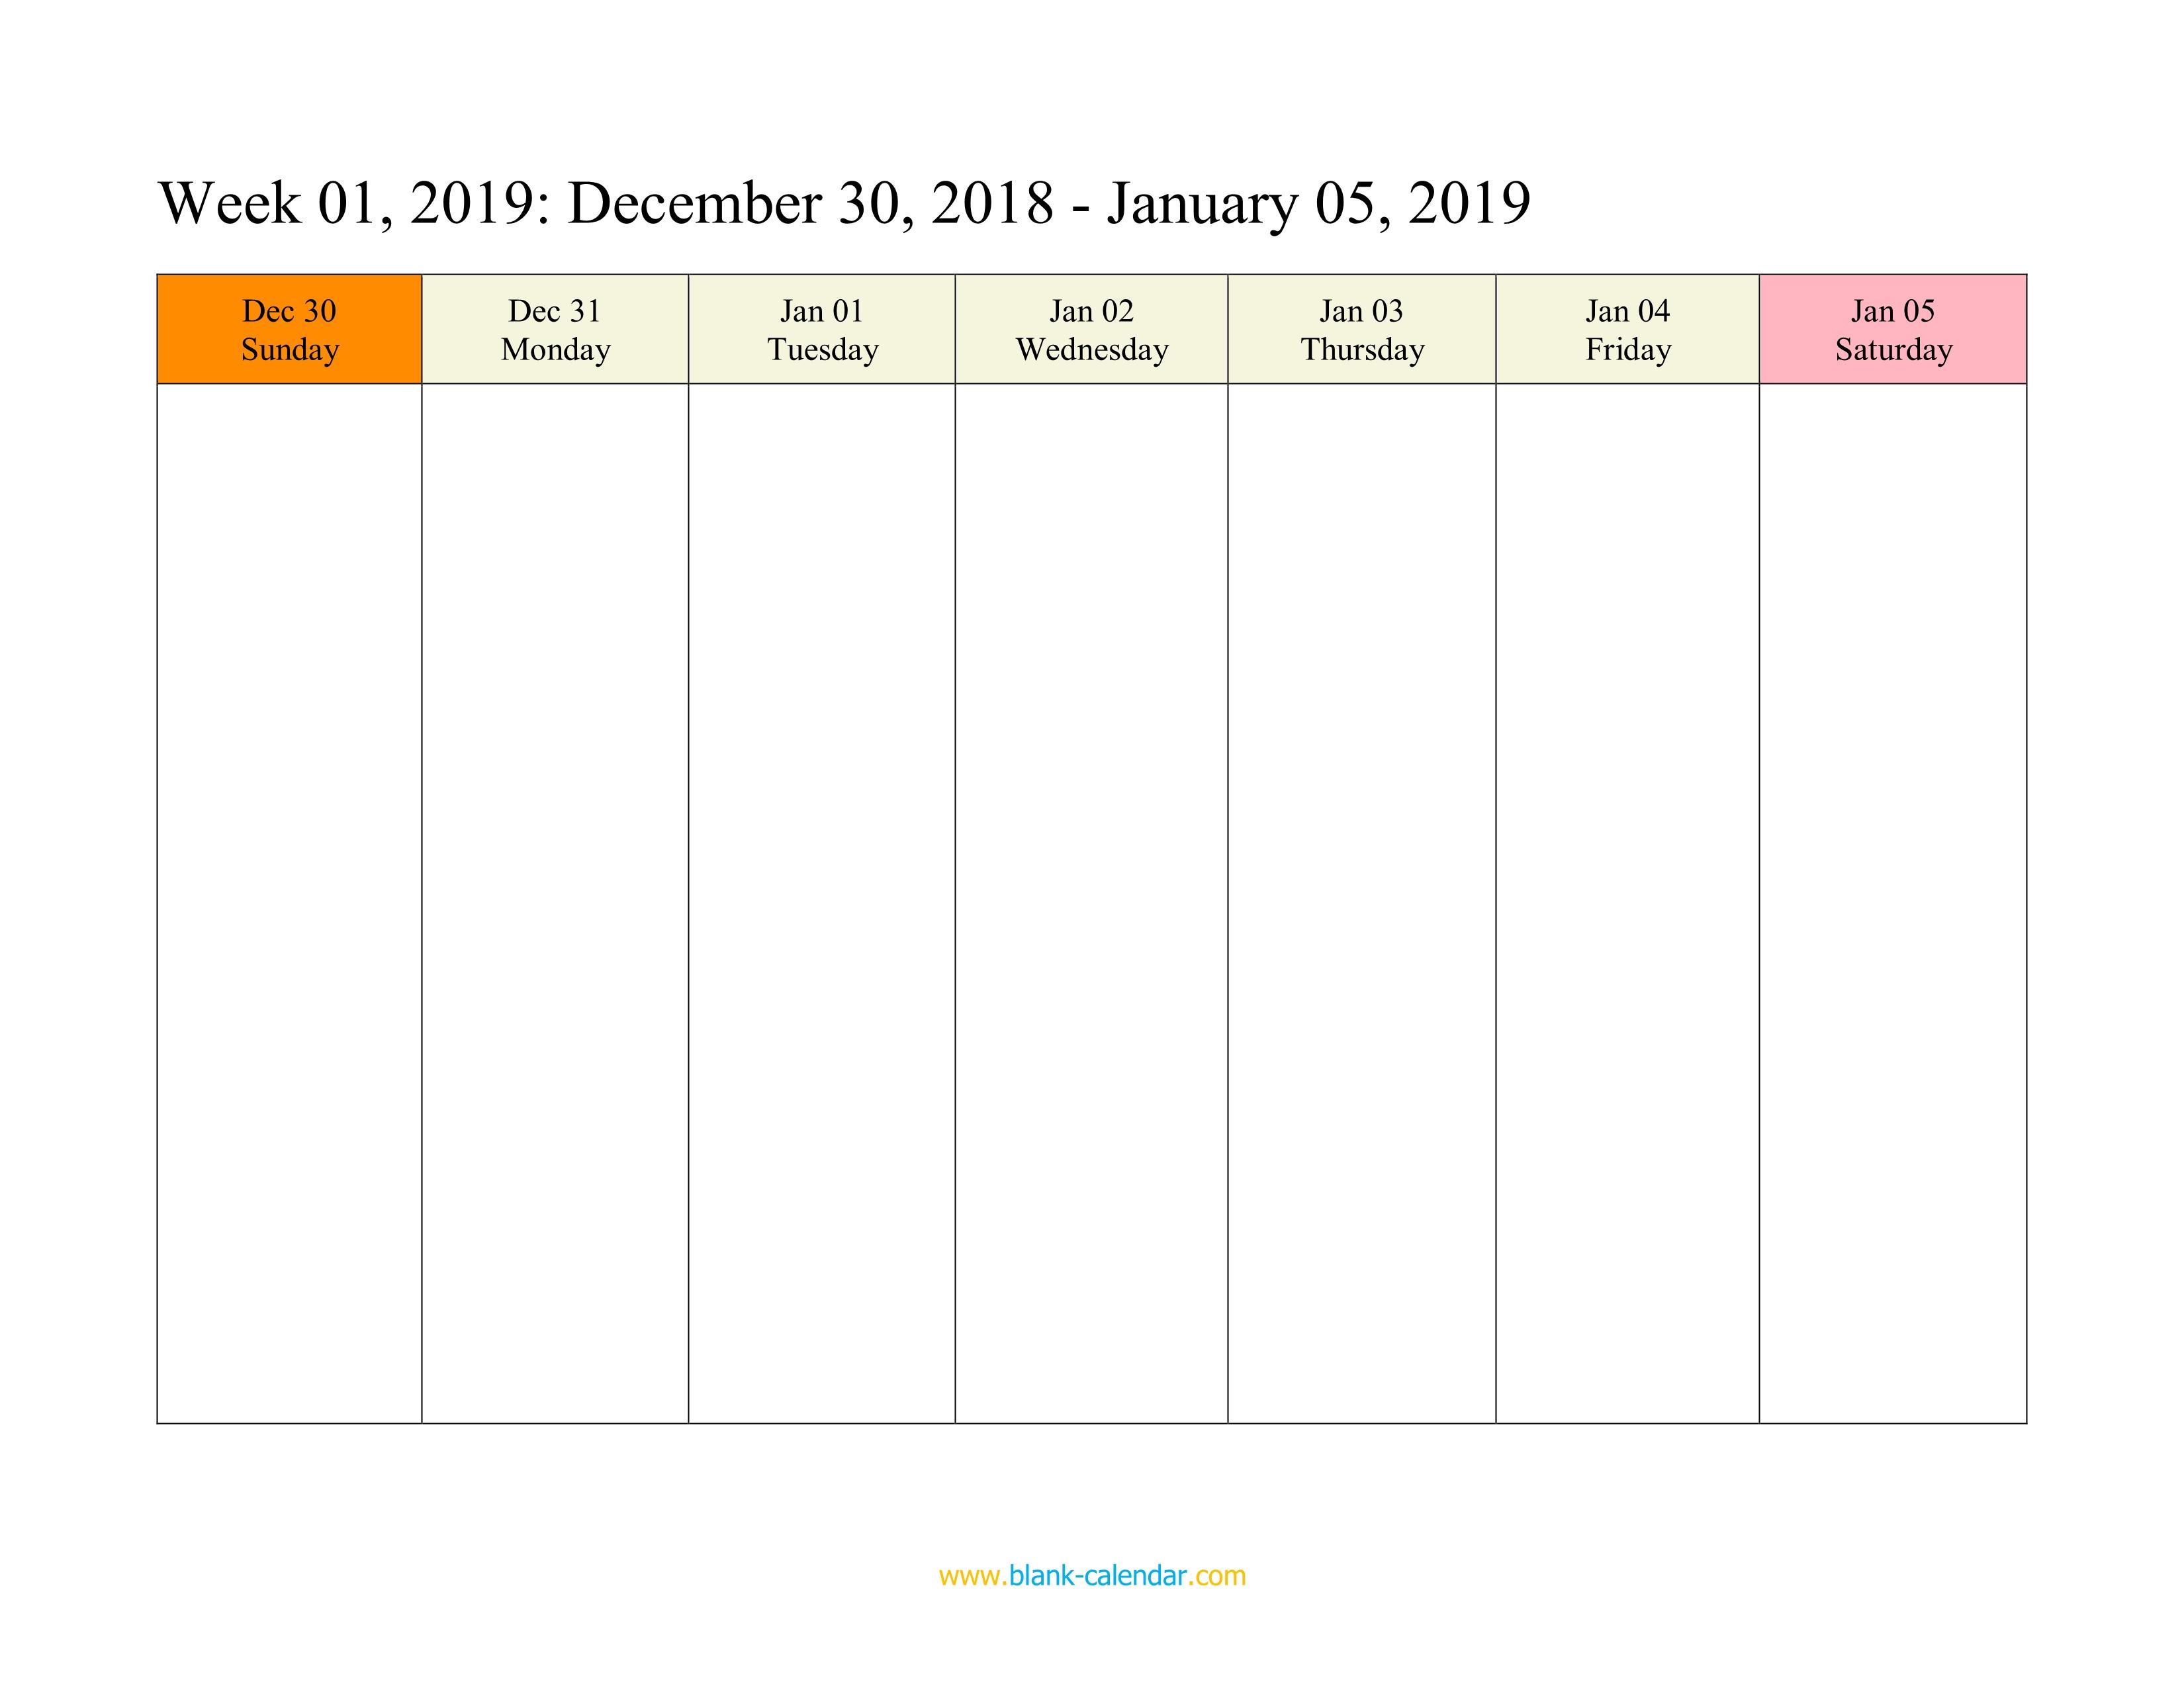 Weekly Calendar 2019 (Word, Excel, Pdf) intended for Blank Printable Weekly Calendar